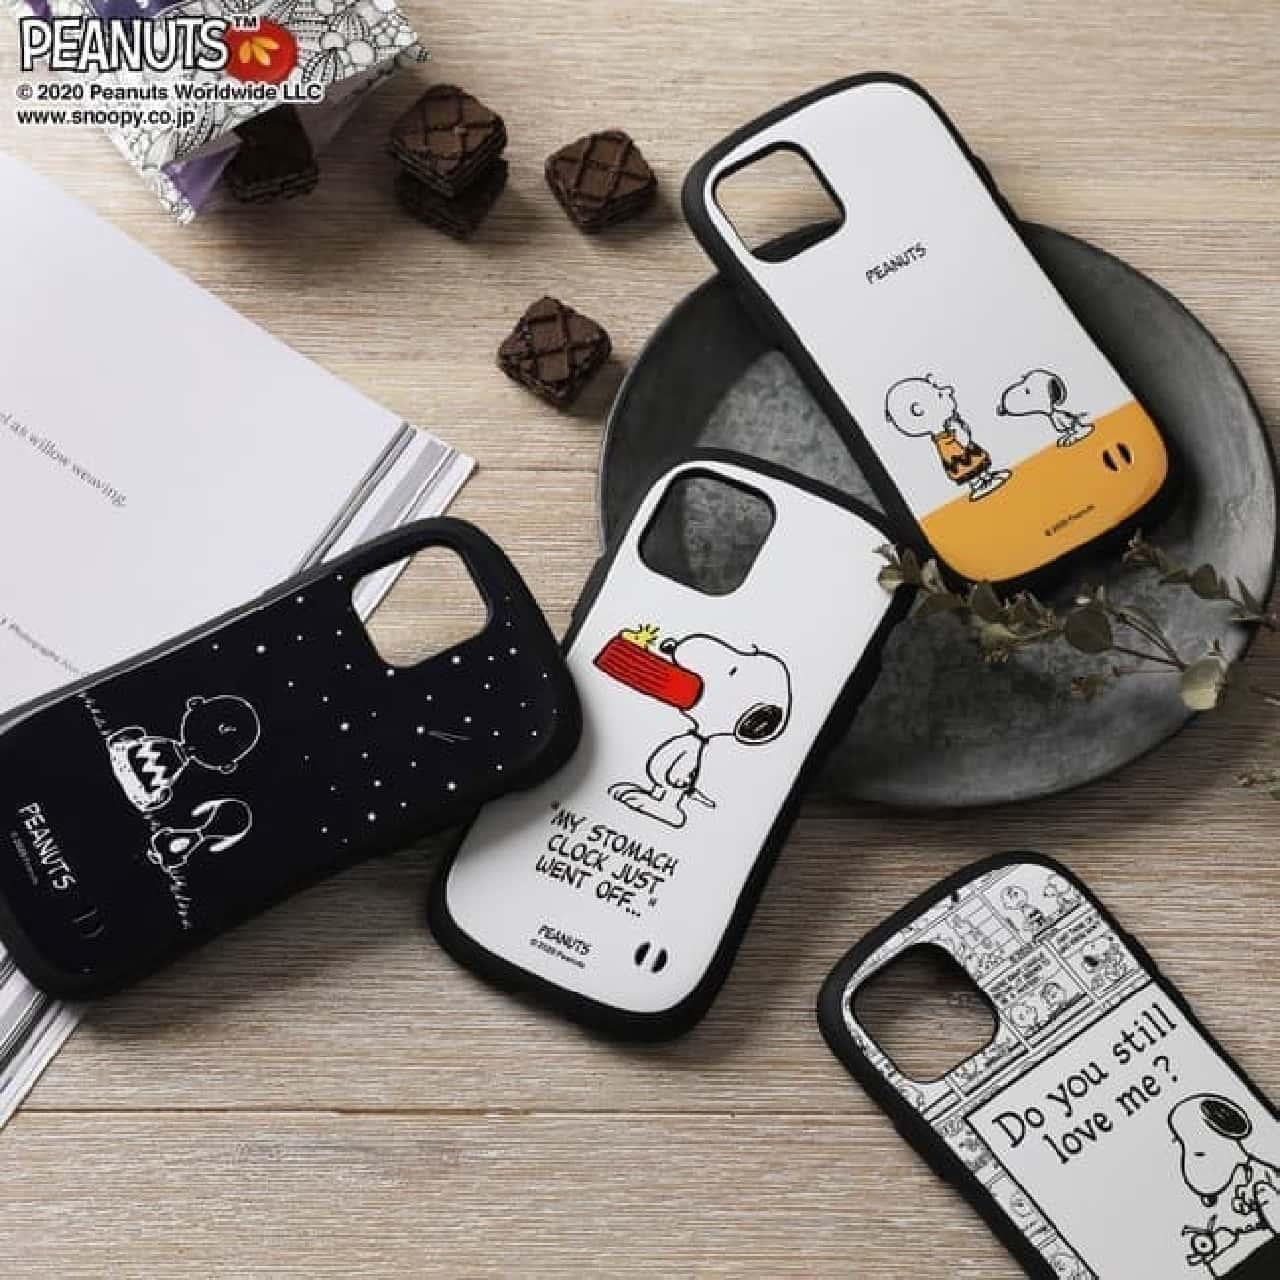 可愛いスヌーピー柄がiPhone用「iFace First Classケース」から -- ミッキーやモンスターズ・インクなども